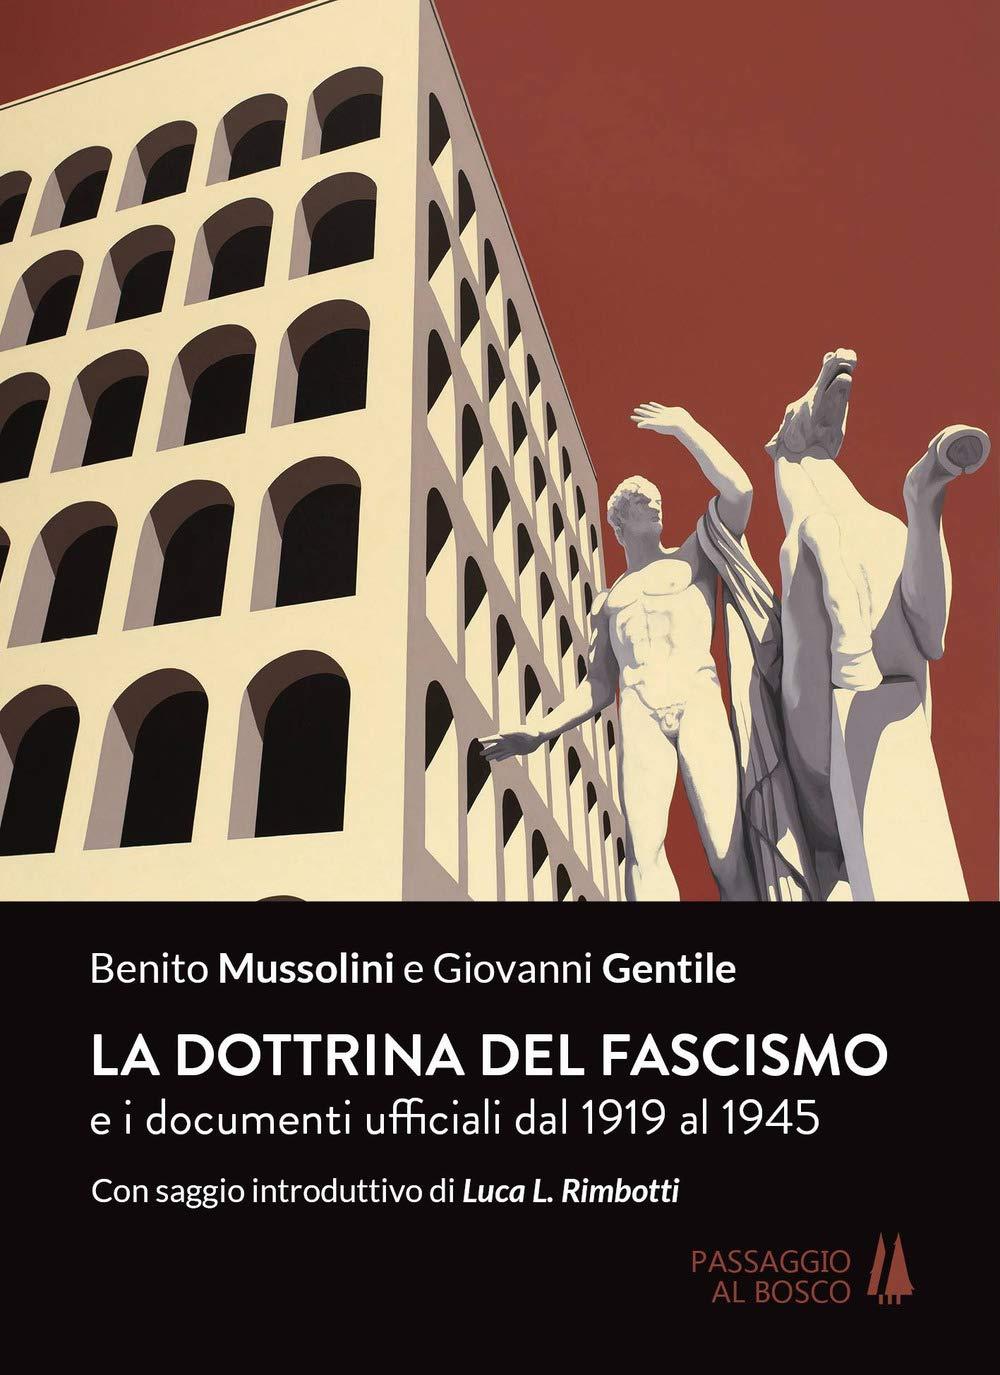 La dottrina del fascismo. E i documenti ufficiali dal 1919 al 1945: Amazon.es: Mussolini, Benito, Gentile, Giovanni: Libros en idiomas extranjeros